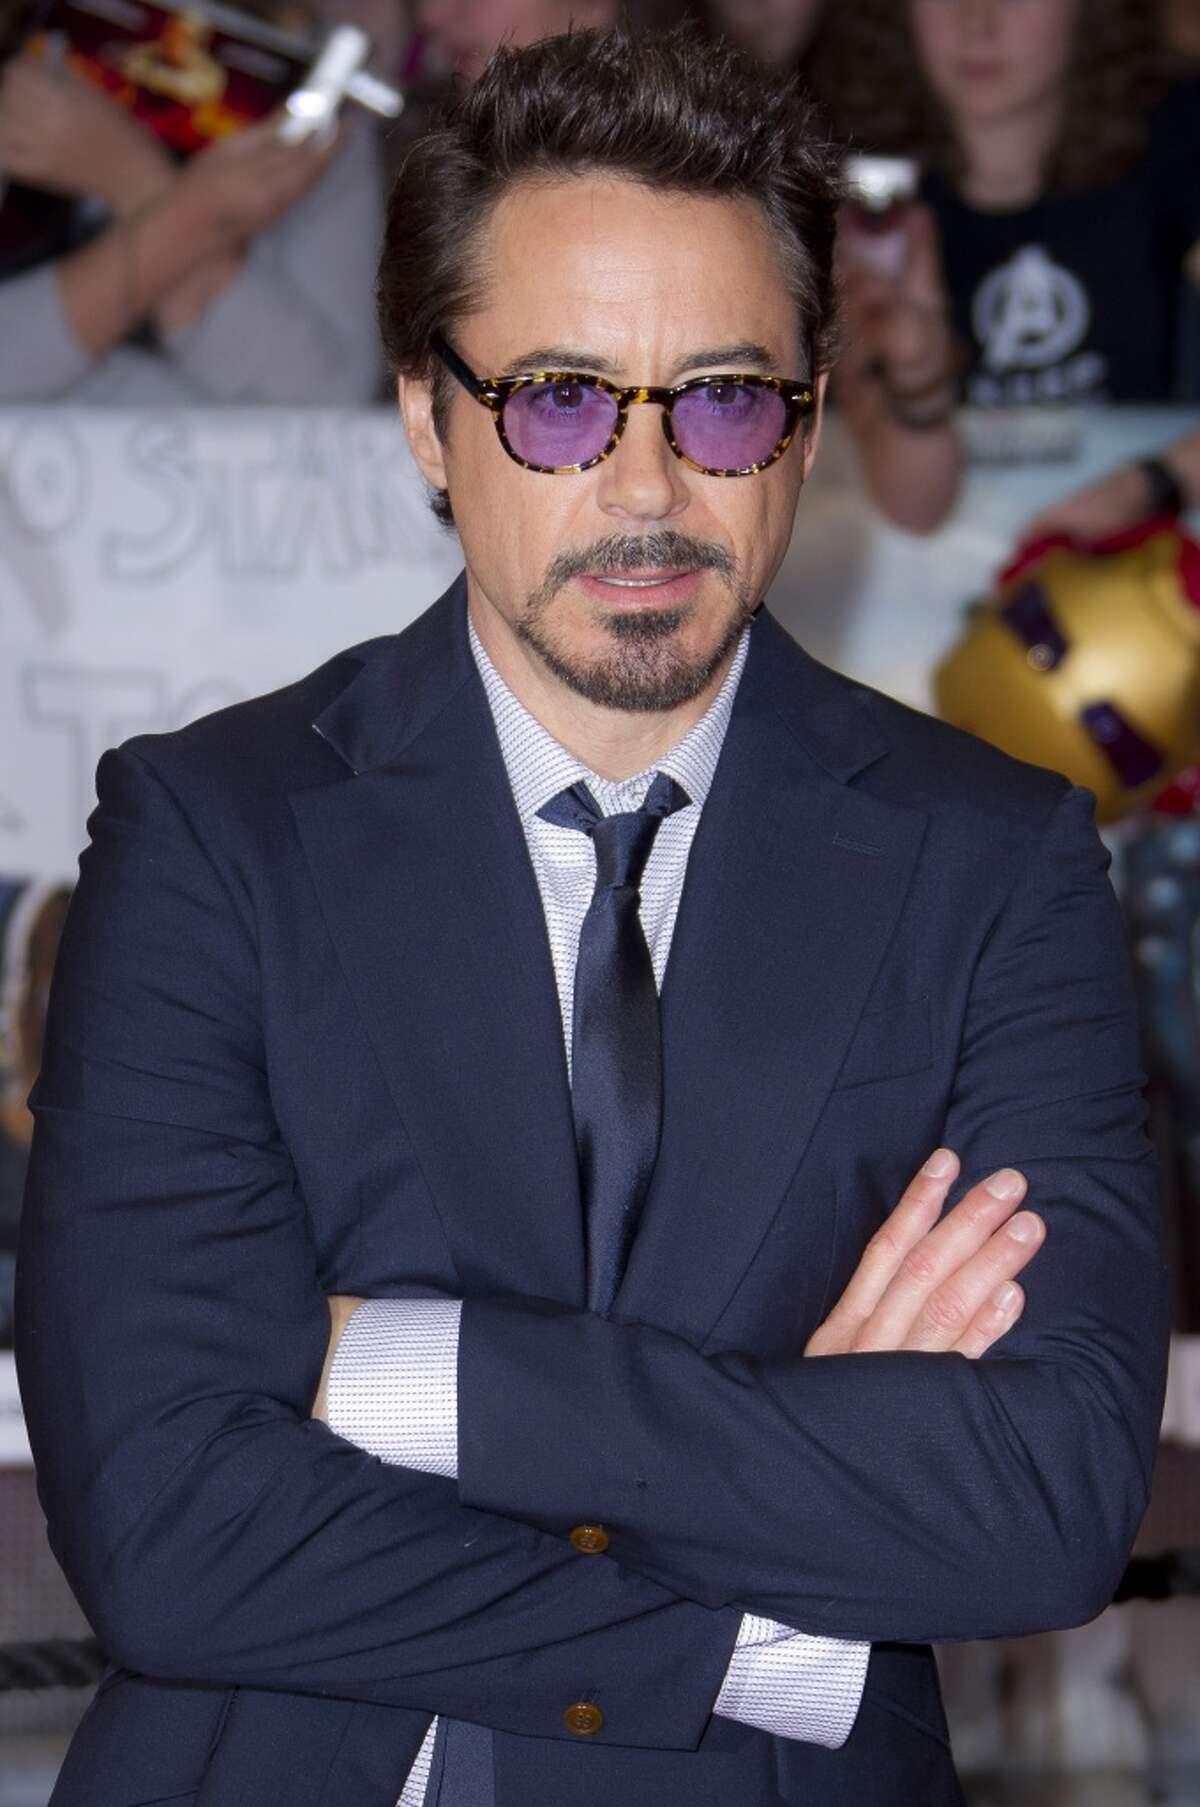 #10 Robert Downey Jr.